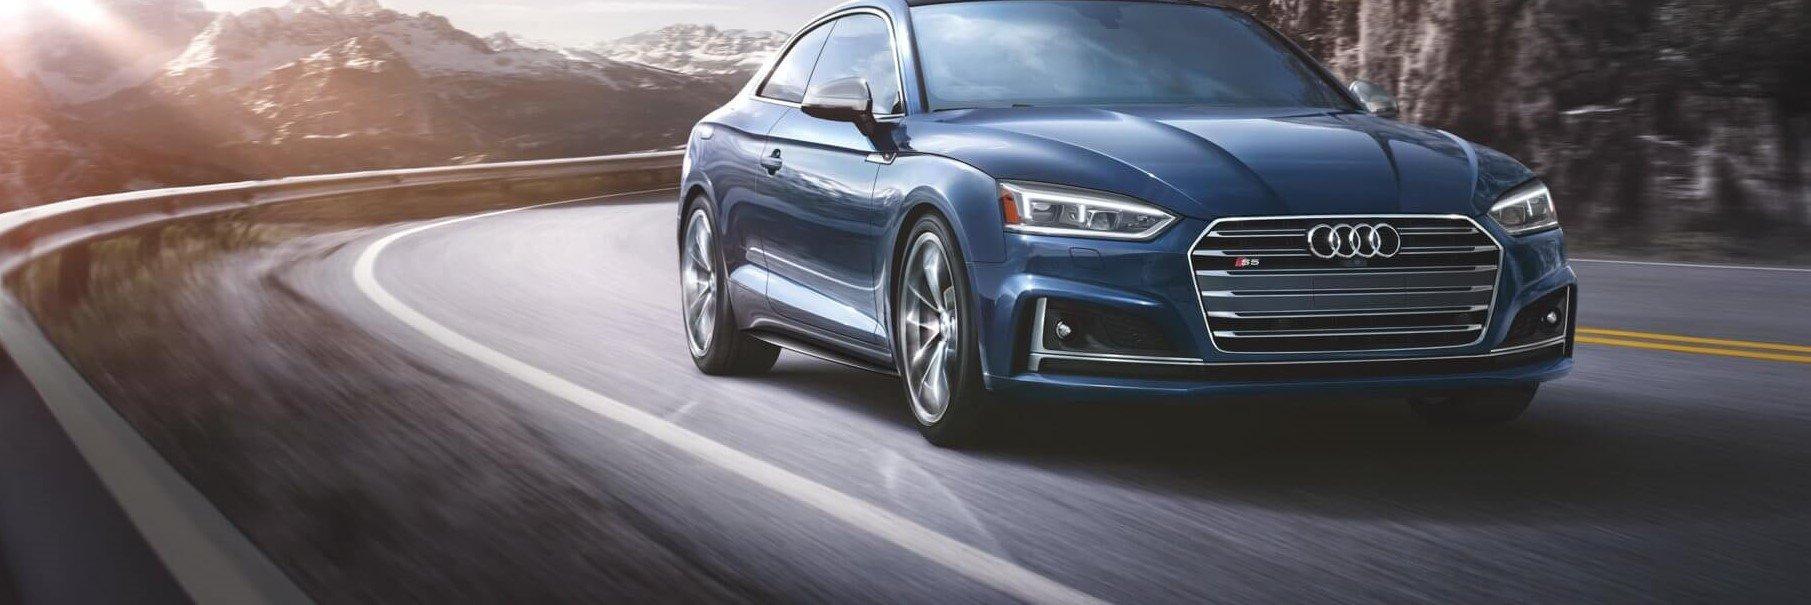 Luxury Cars Of Gwinnett >> Audi S5 Lease Deals Offers Duluth Ga